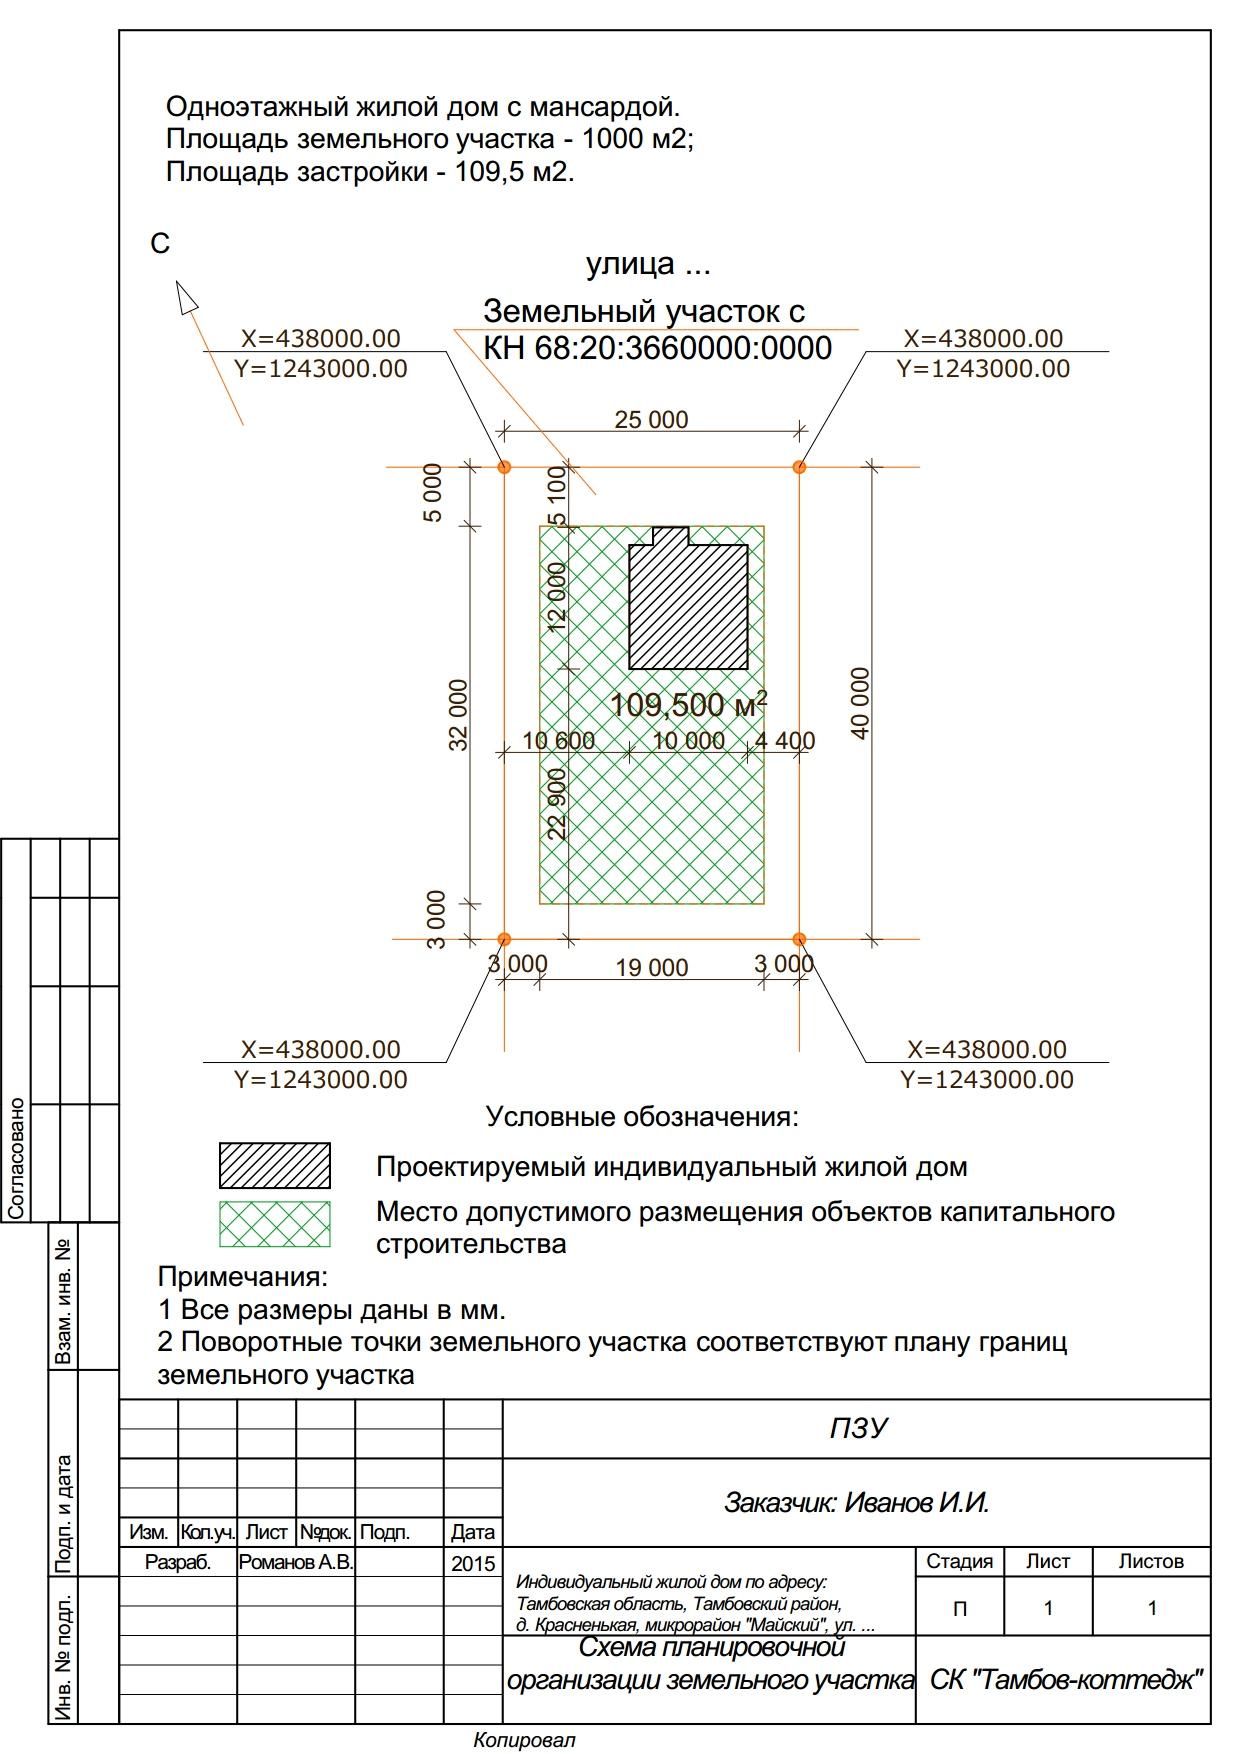 Схема земельного участка как сделать самому